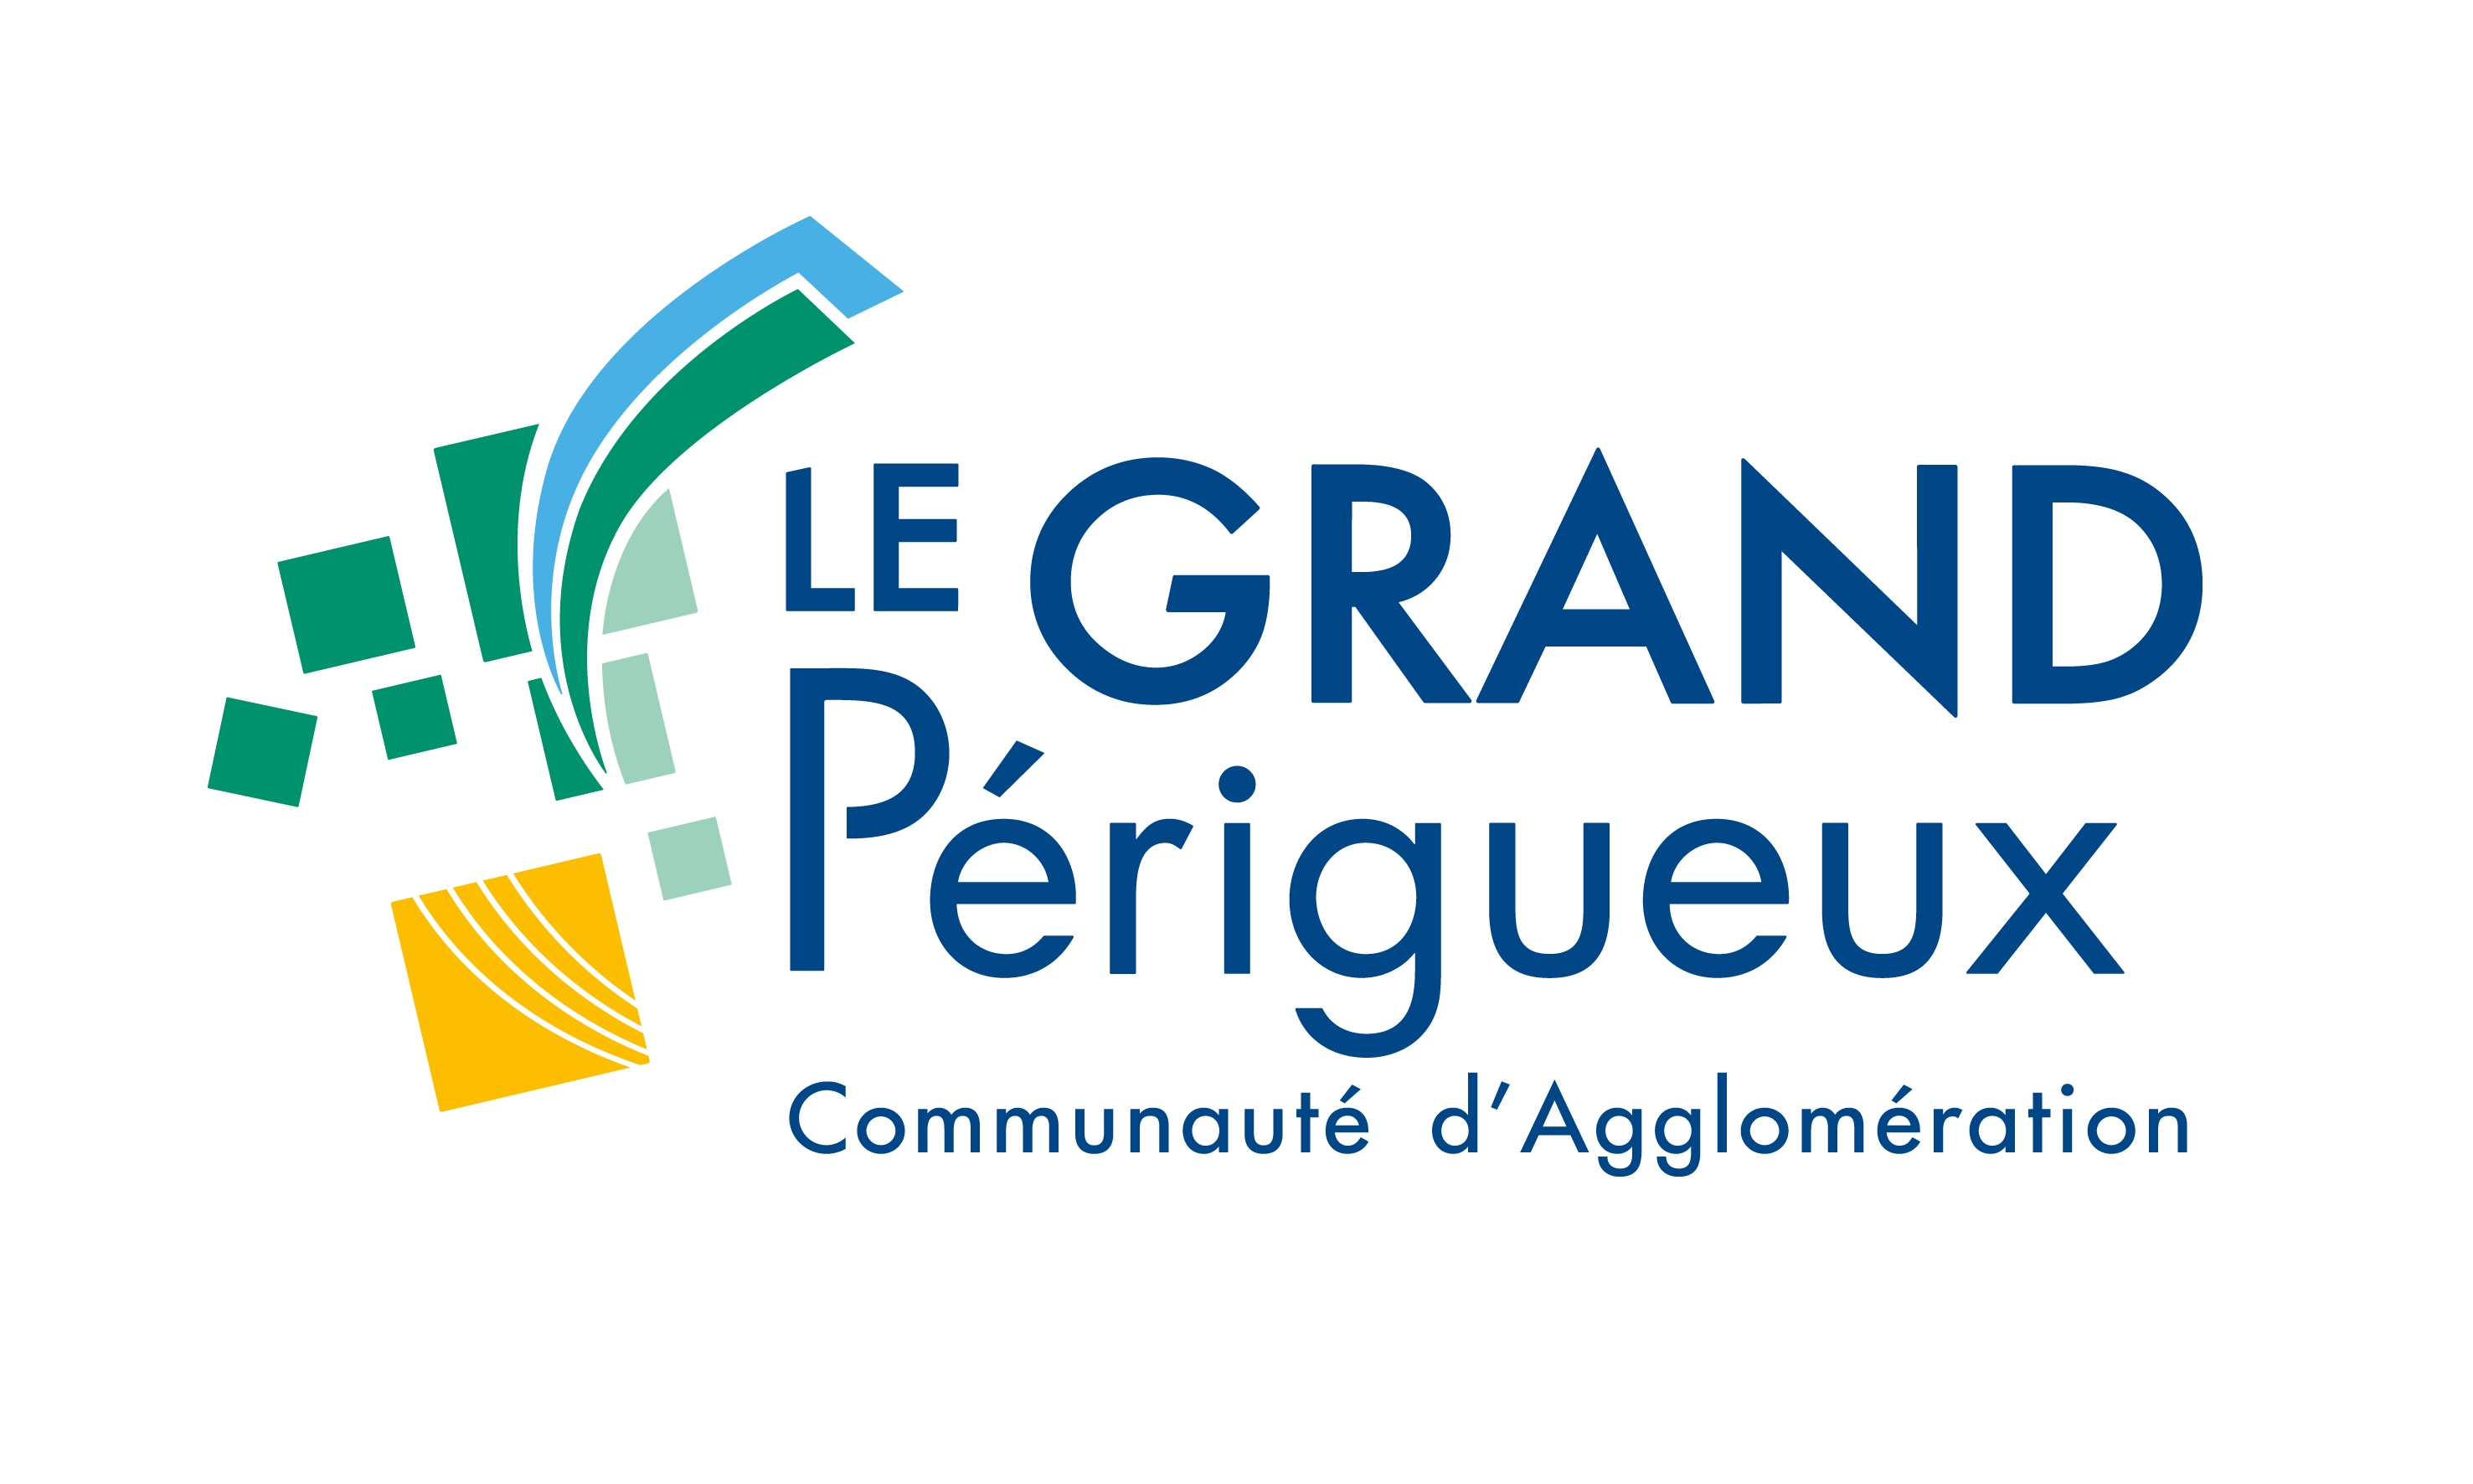 Communauté d'Agglomération Le Grand Périgueux